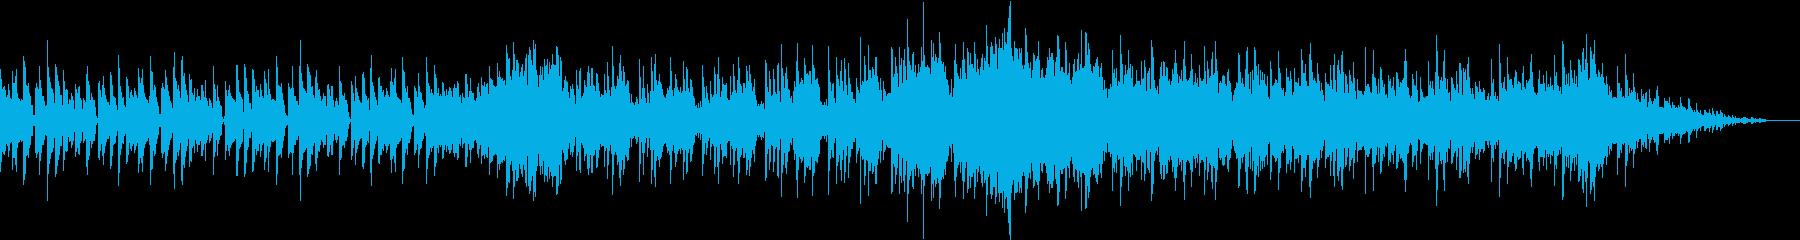 ノリがいいハウス調の音楽です。の再生済みの波形